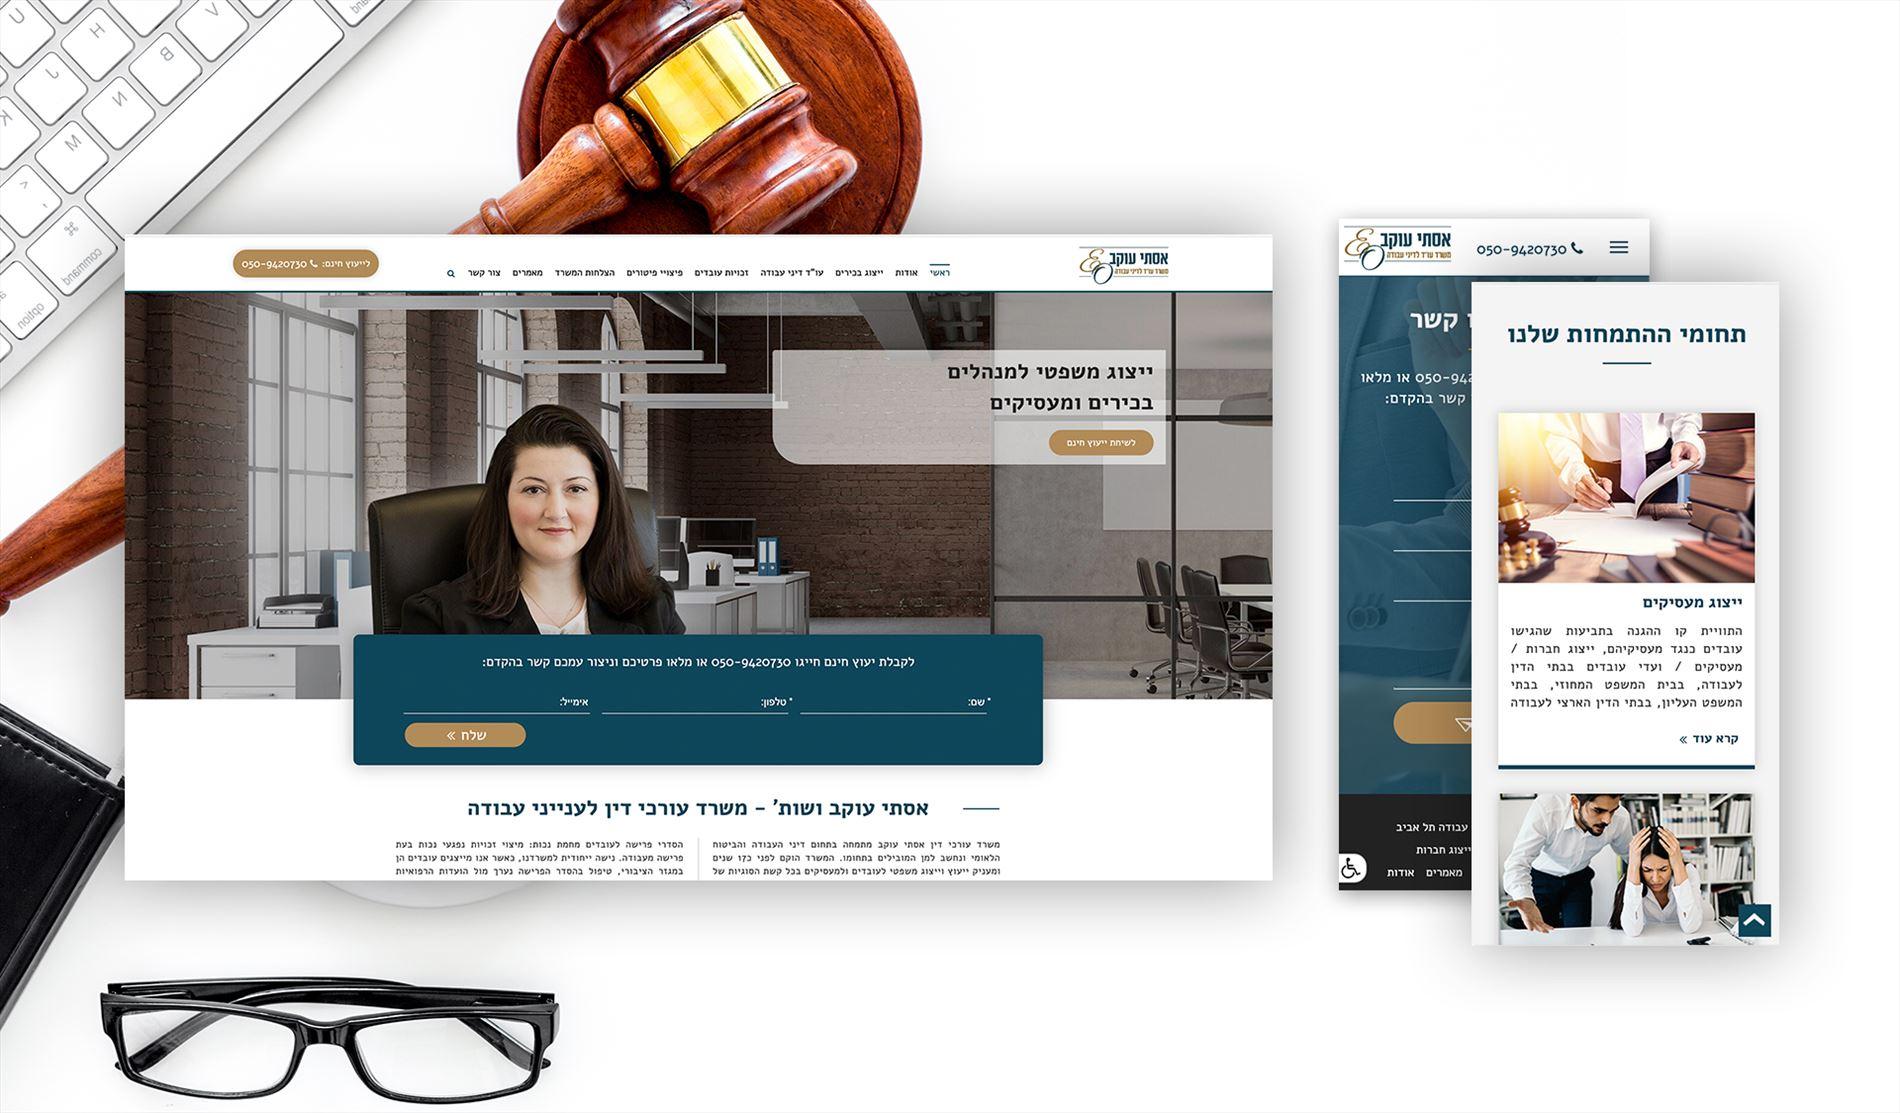 בניית אתר אינטרנט לעורכת הדין אסתי עוקב